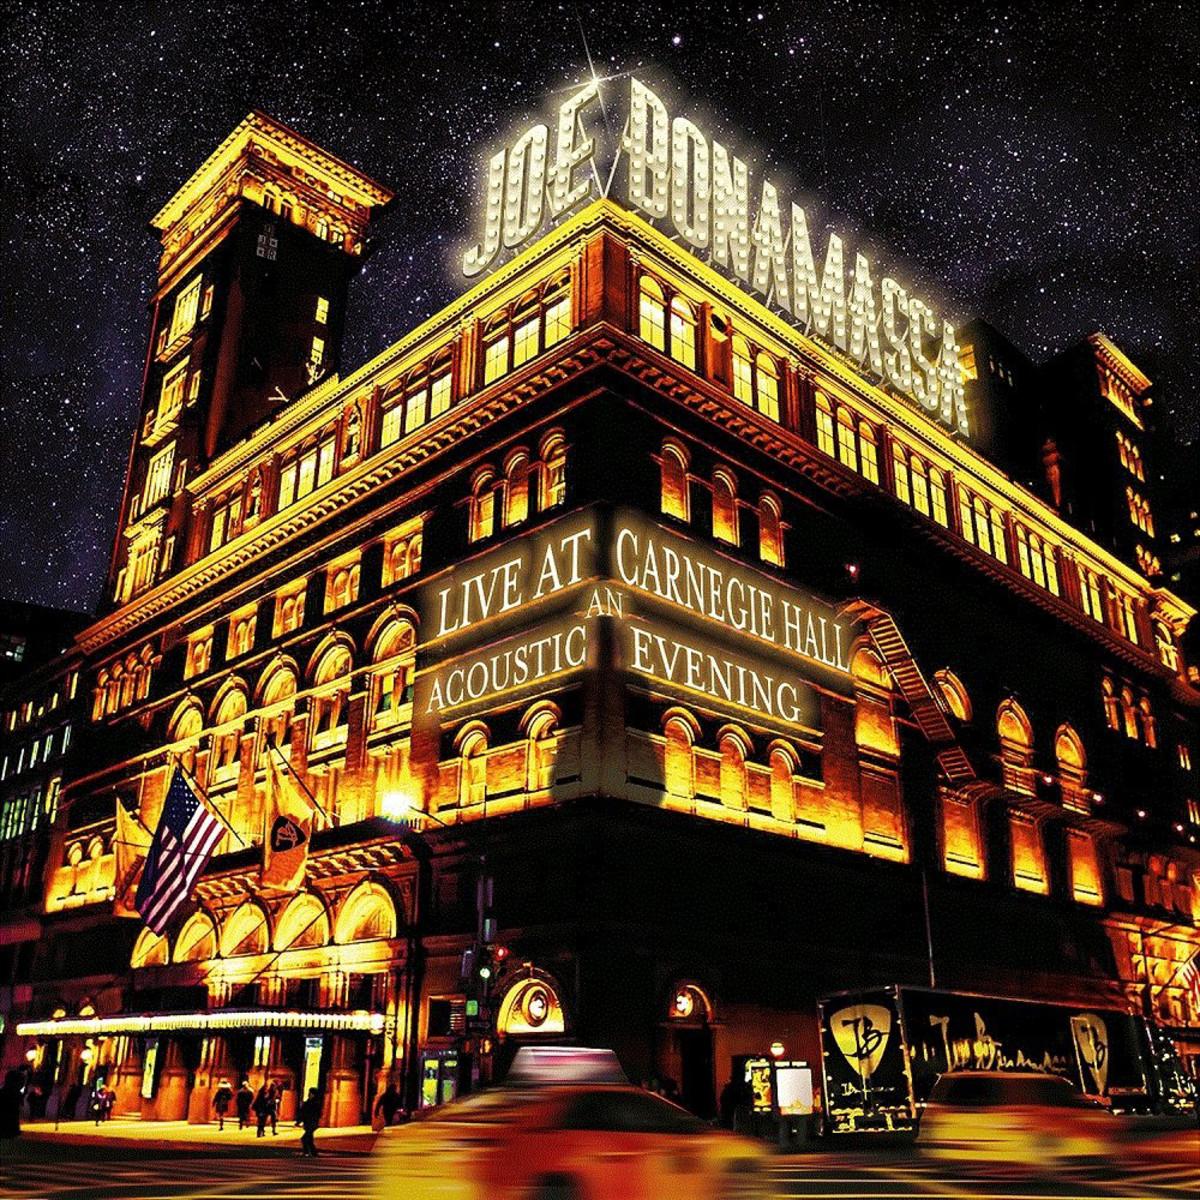 Joe Bonamassa, Live At Carnegie Hall